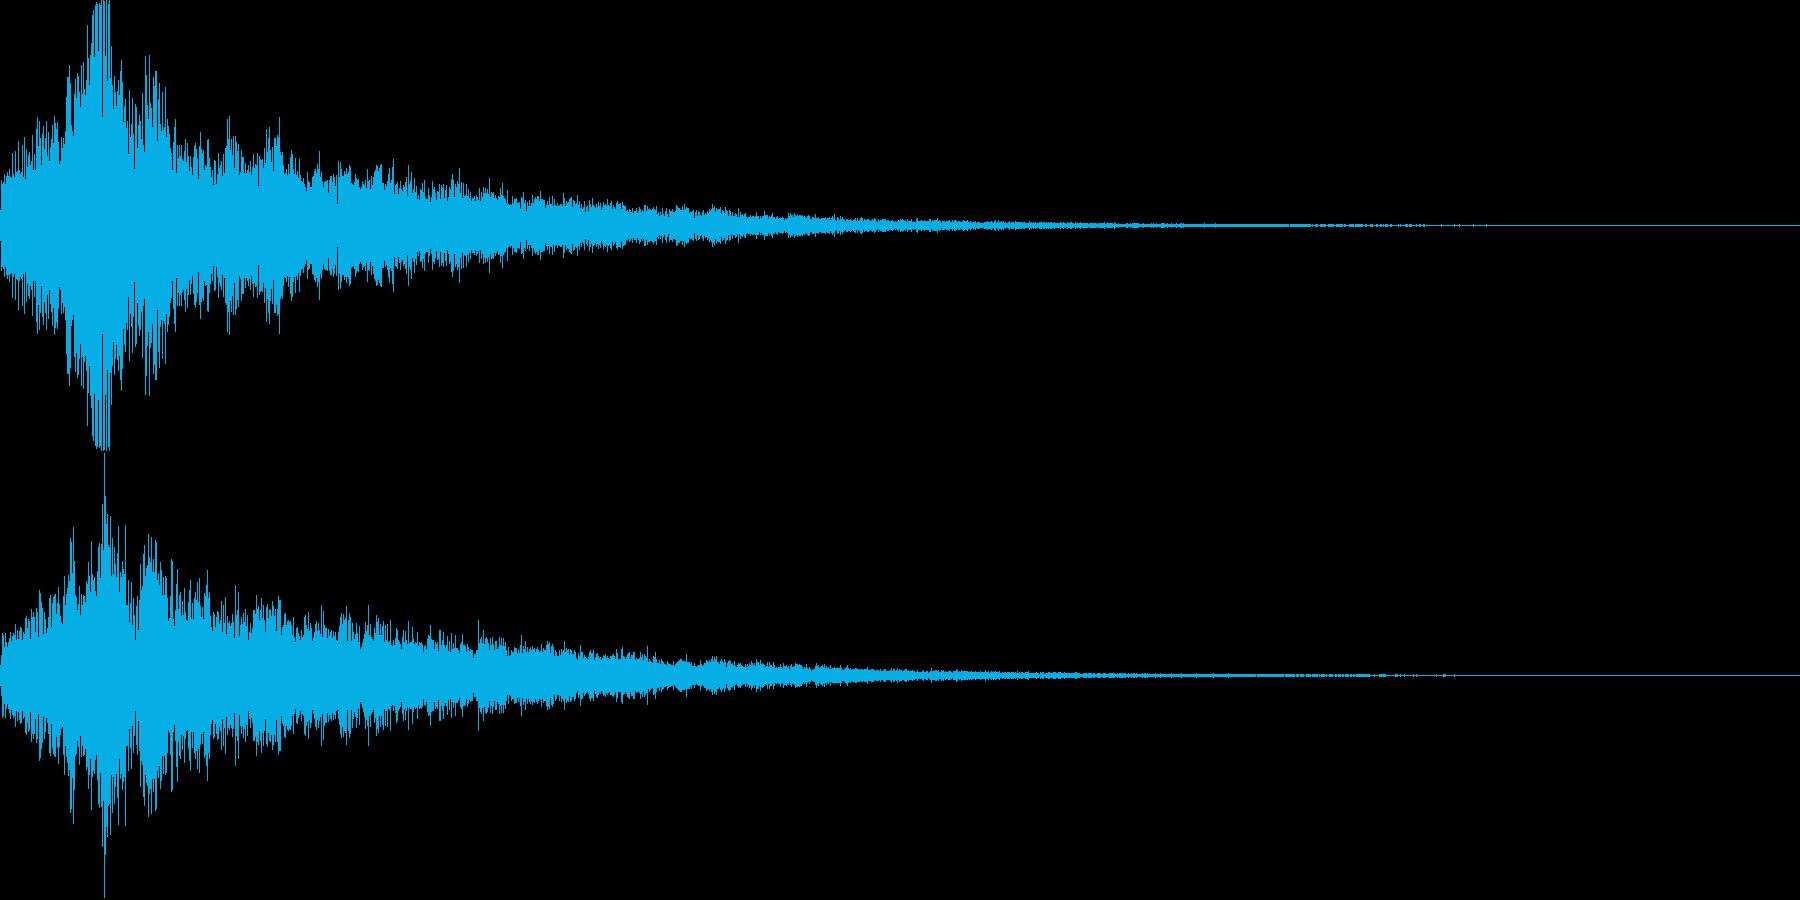 シュピーン・ピカーン・技・魔法3の再生済みの波形